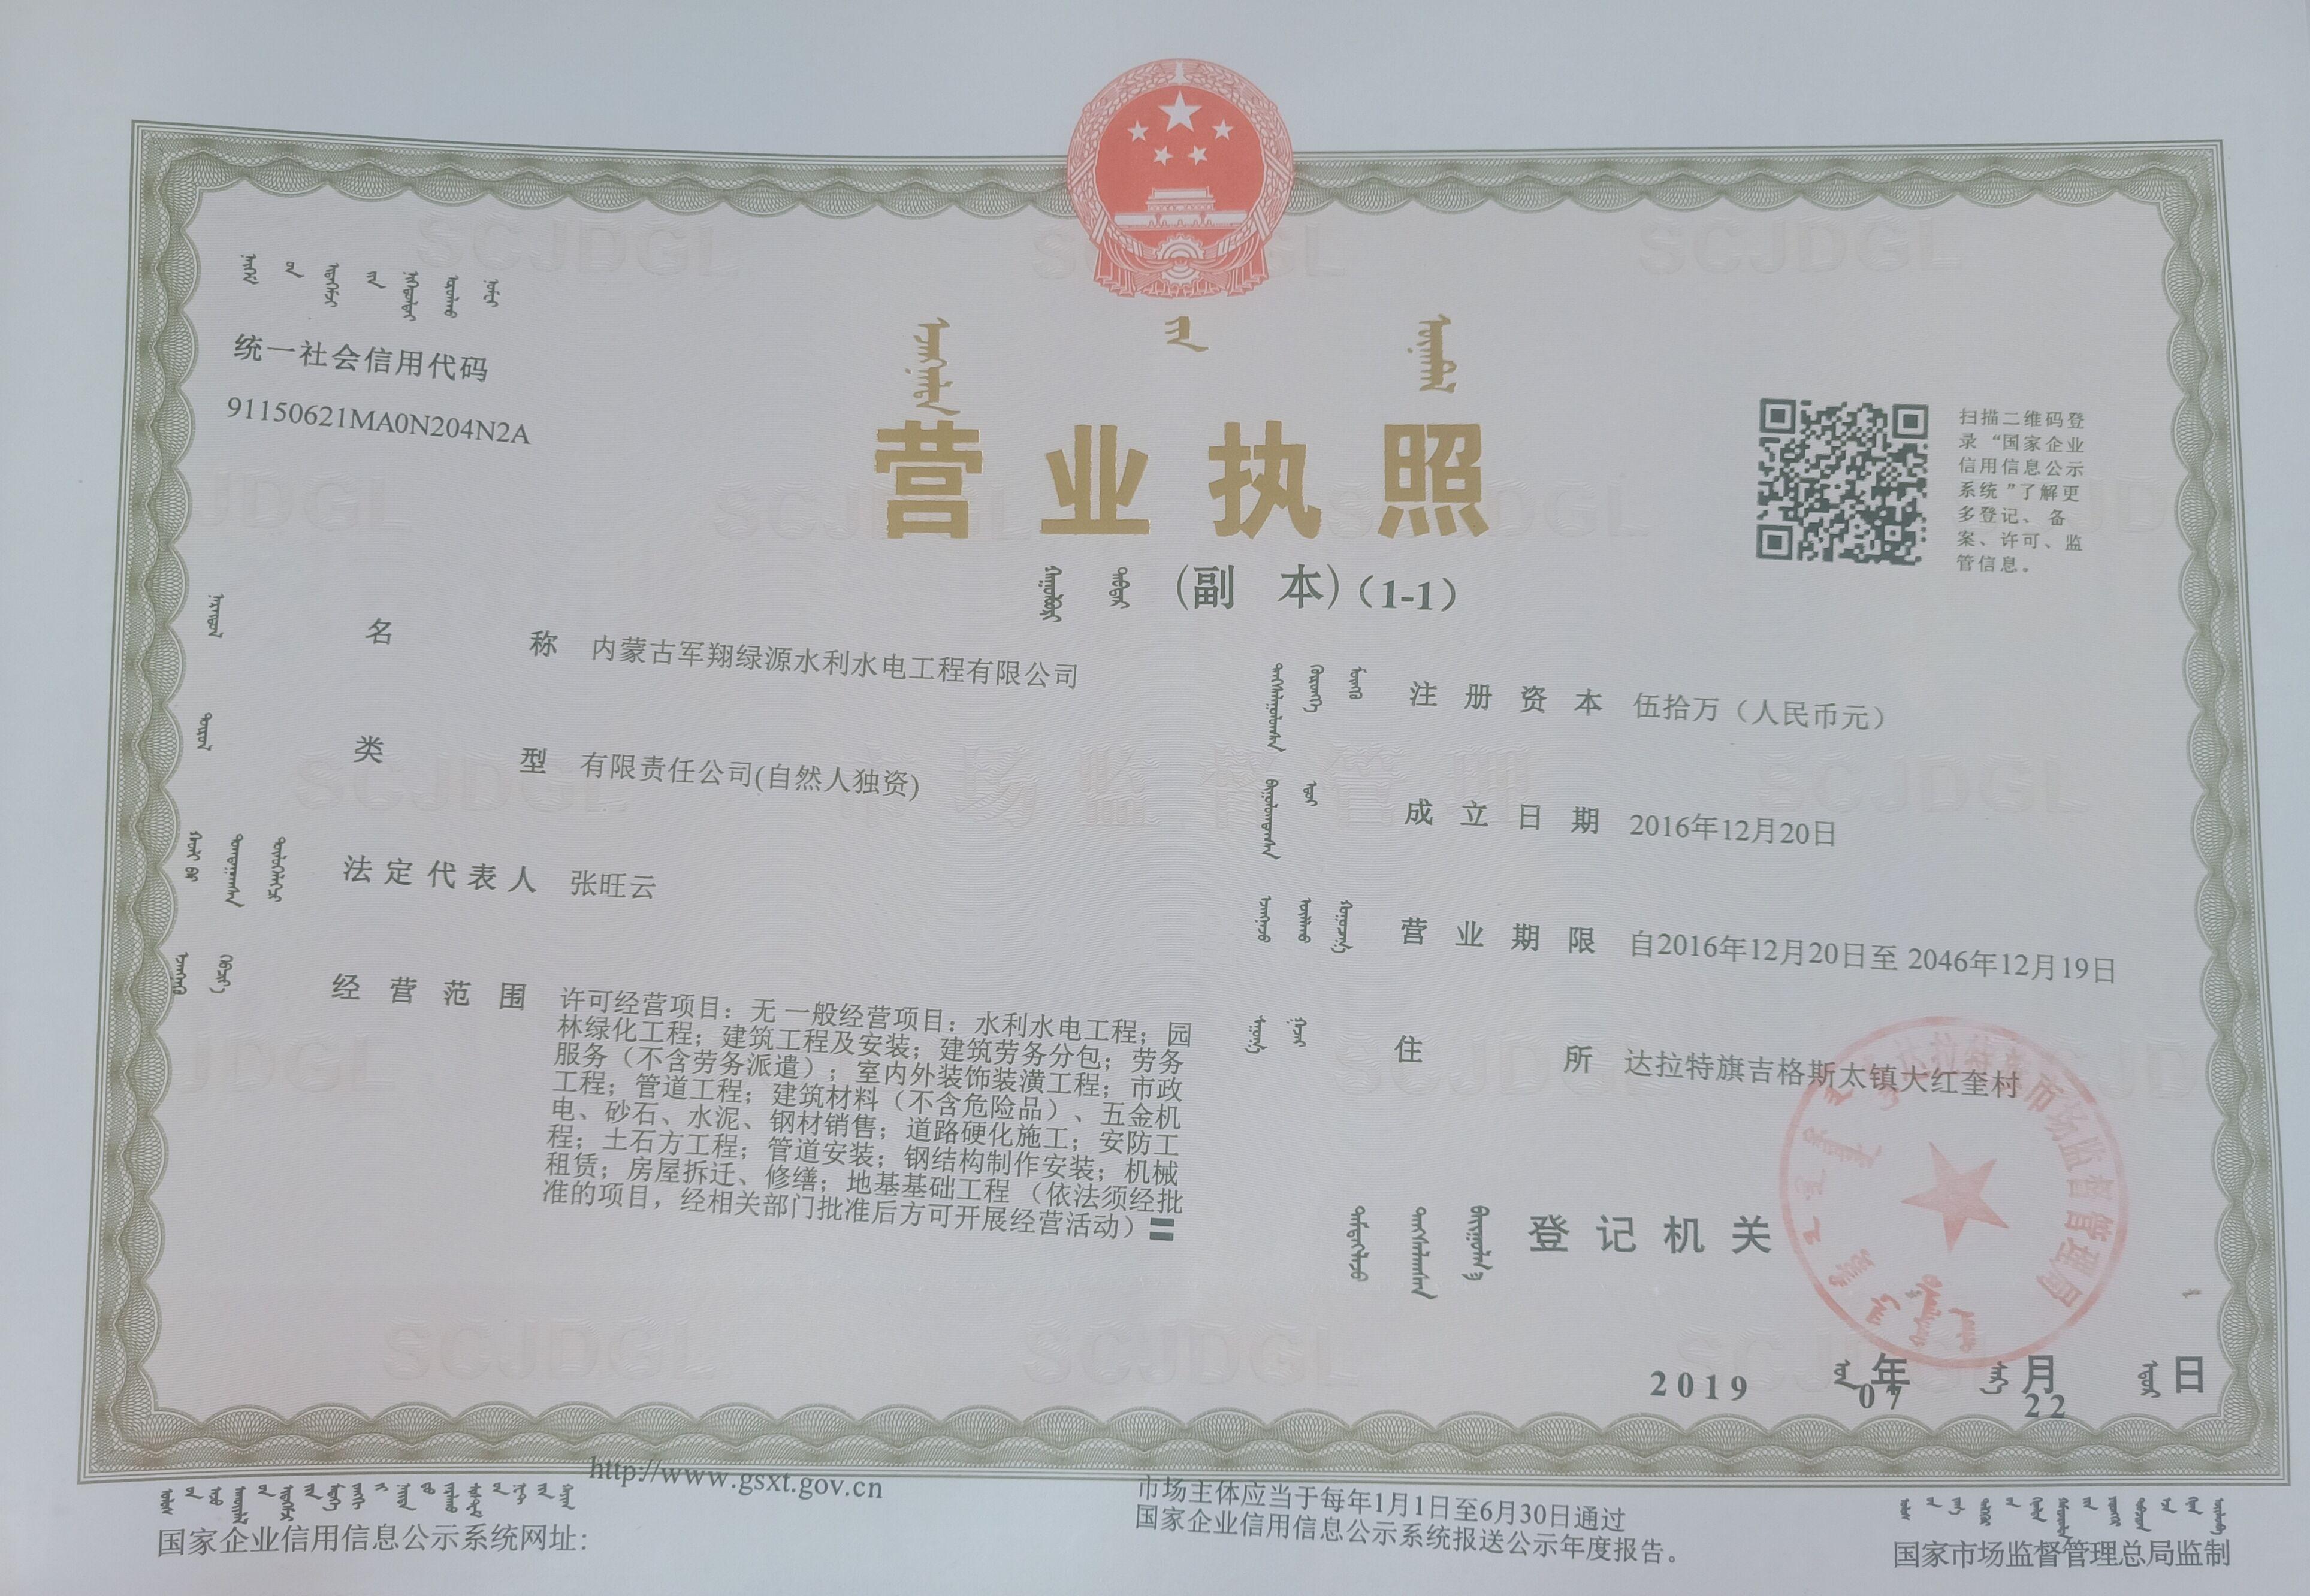 内蒙古军翔绿源水利水电工程有限公司